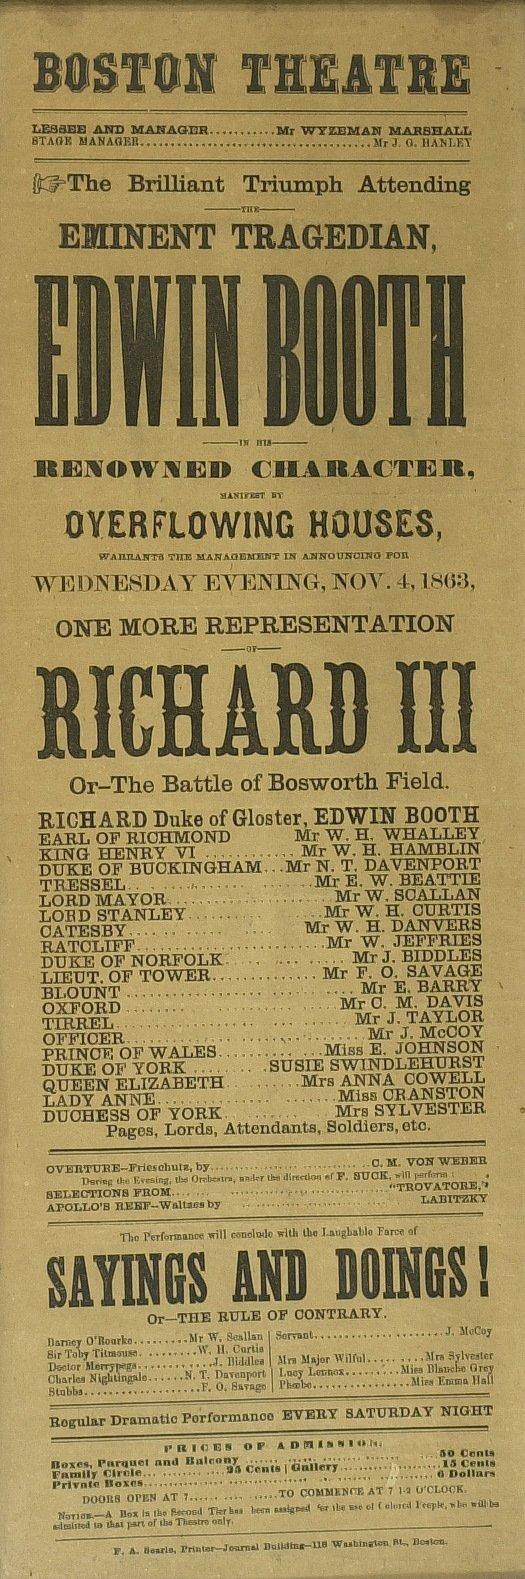 614: Actor (EDWIN BOOTH) 1864 Broadside - Richard III